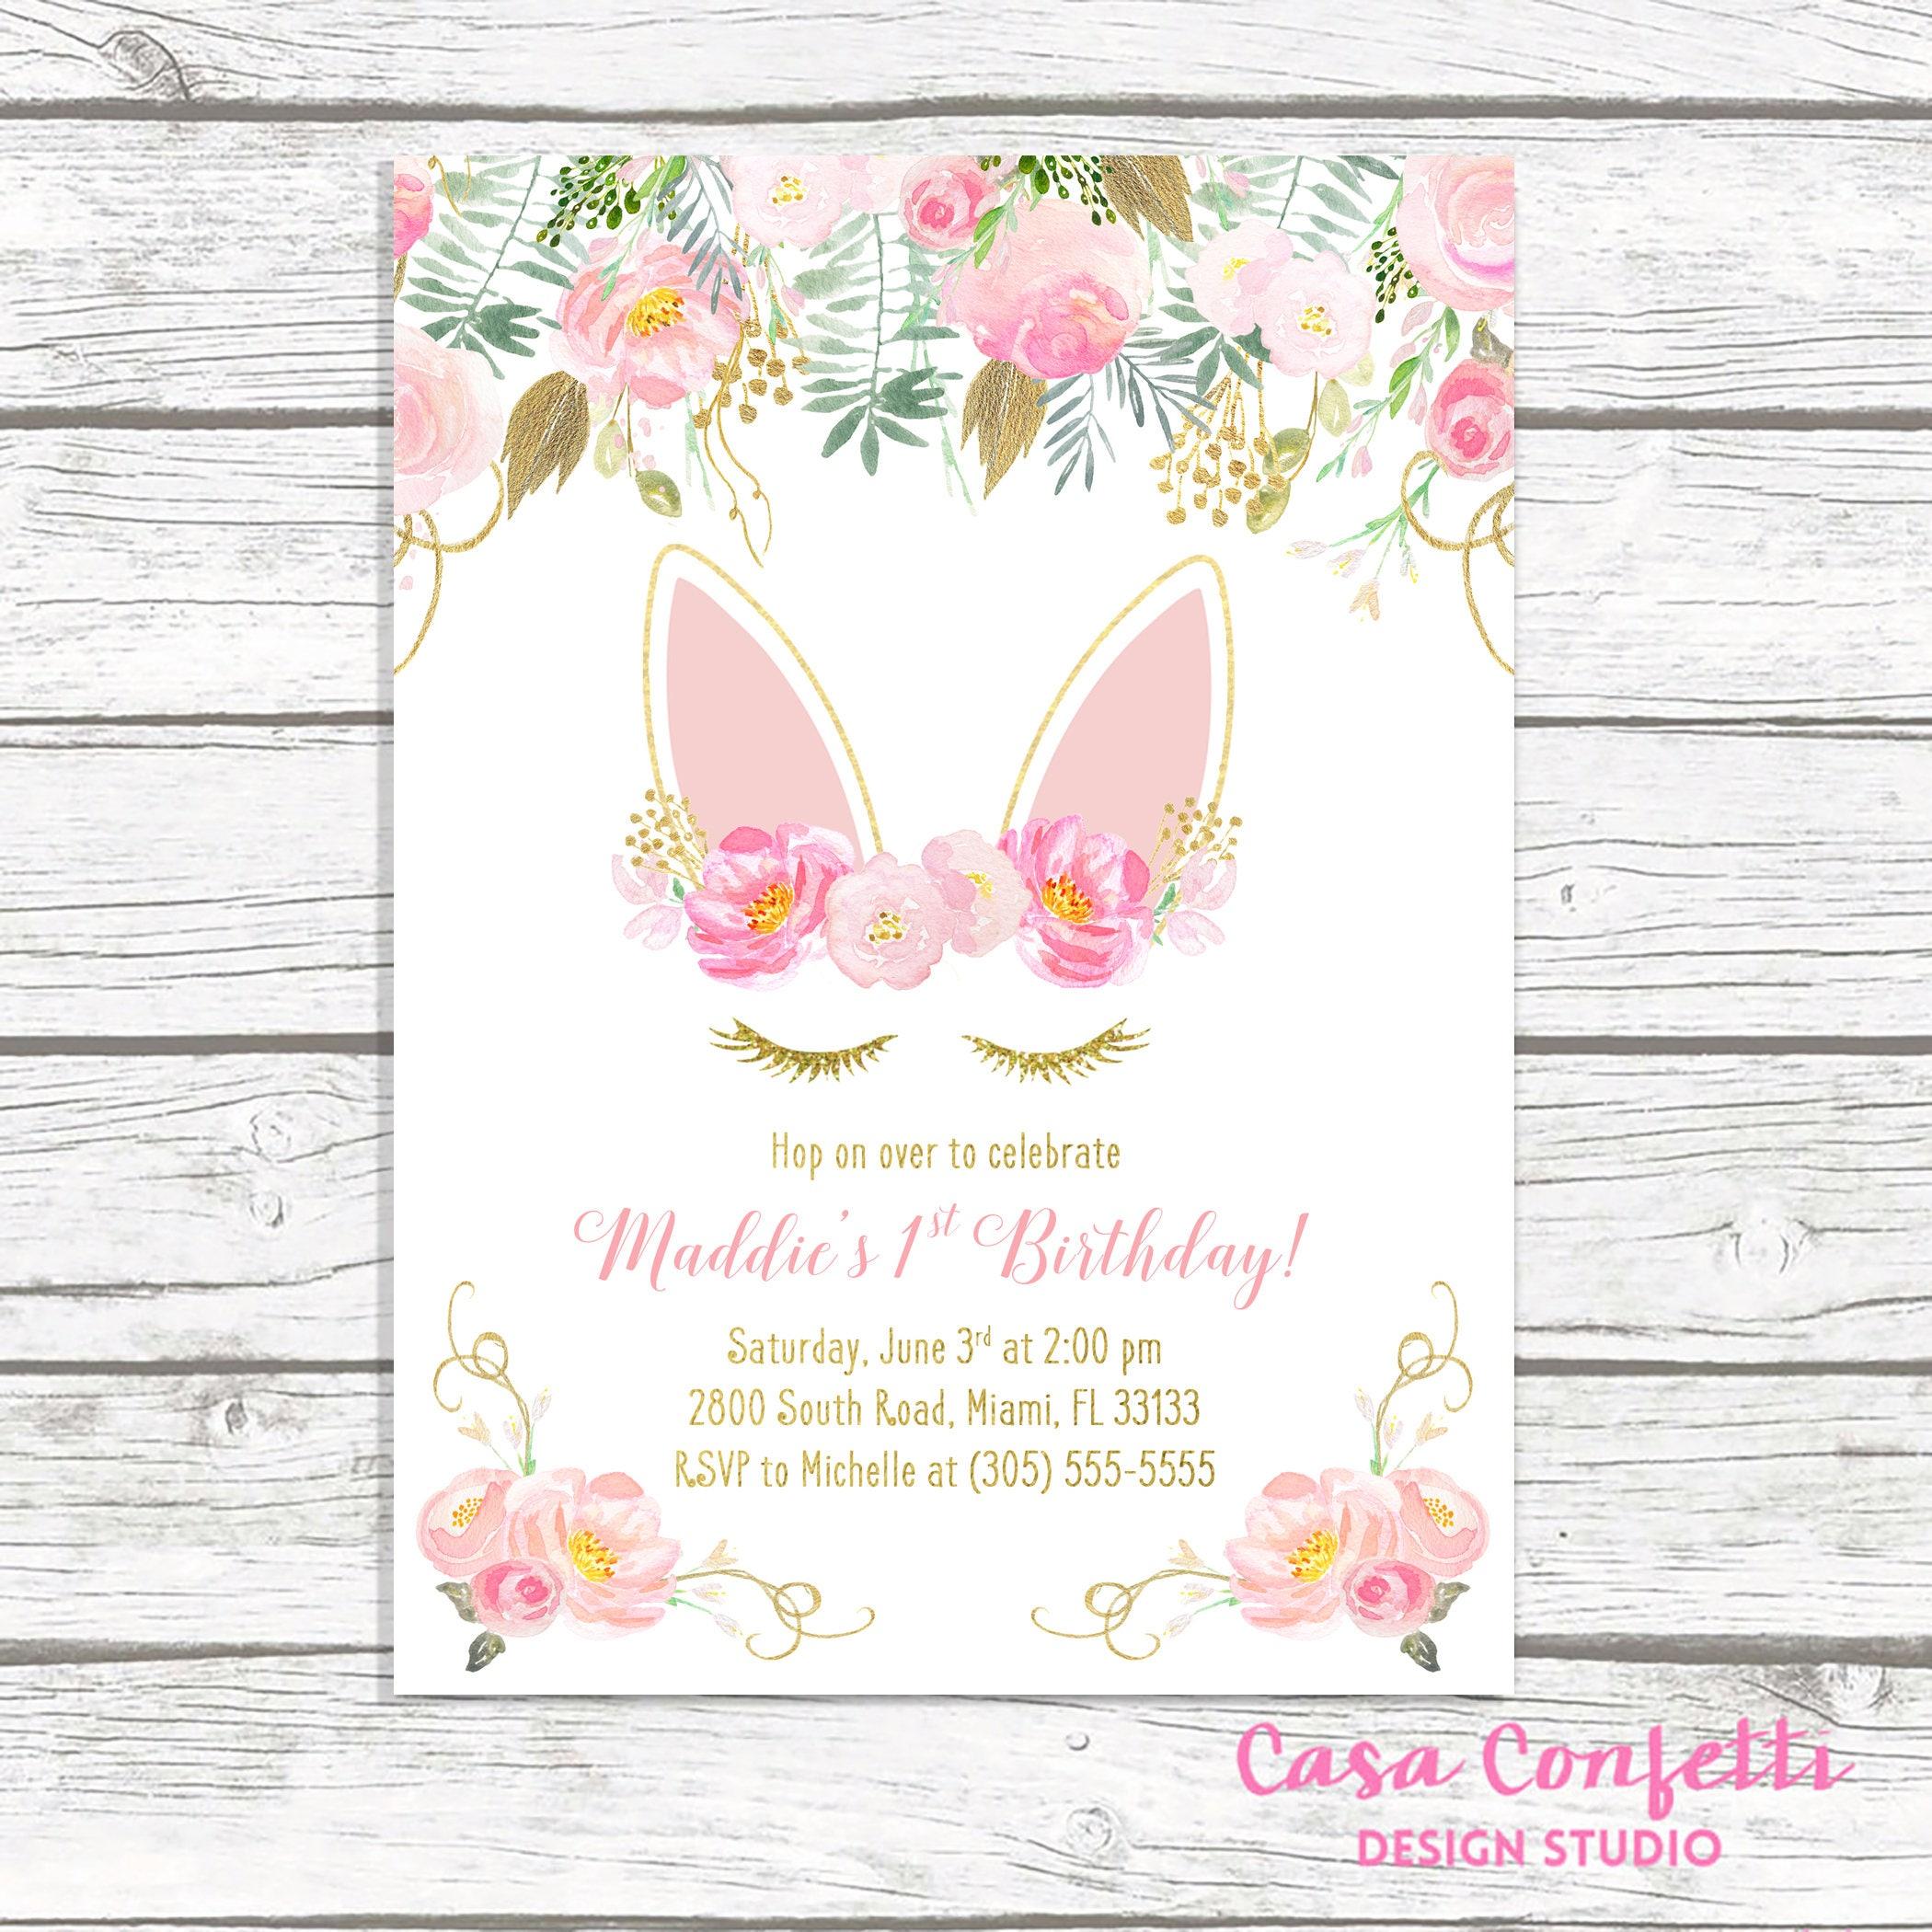 Bunny Birthday Invitation, Bunny Invitation, Pink and Gold Bunny ...